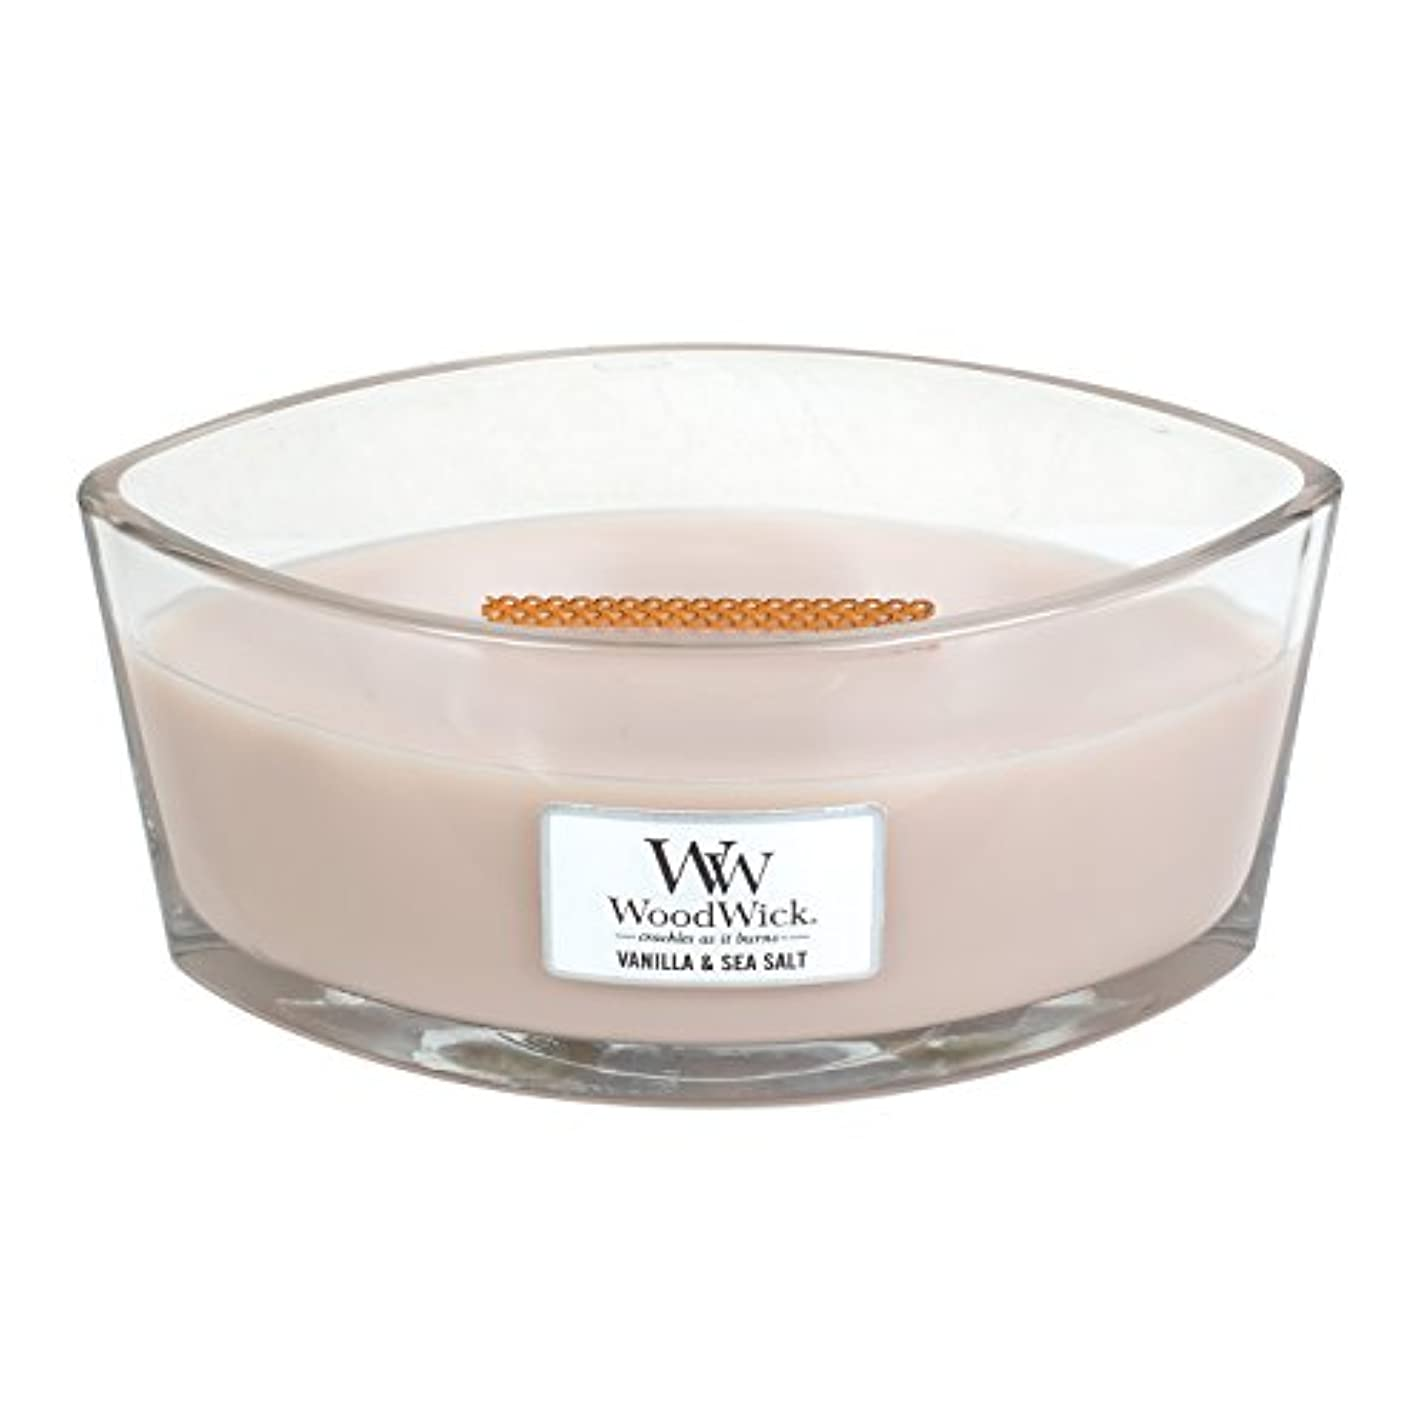 ロッジ役員ペパーミントWoodWick VANILLA & SEA SALT, Highly Scented Candle, Ellipse Glass Jar with Original HearthWick Flame, Large 18cm...